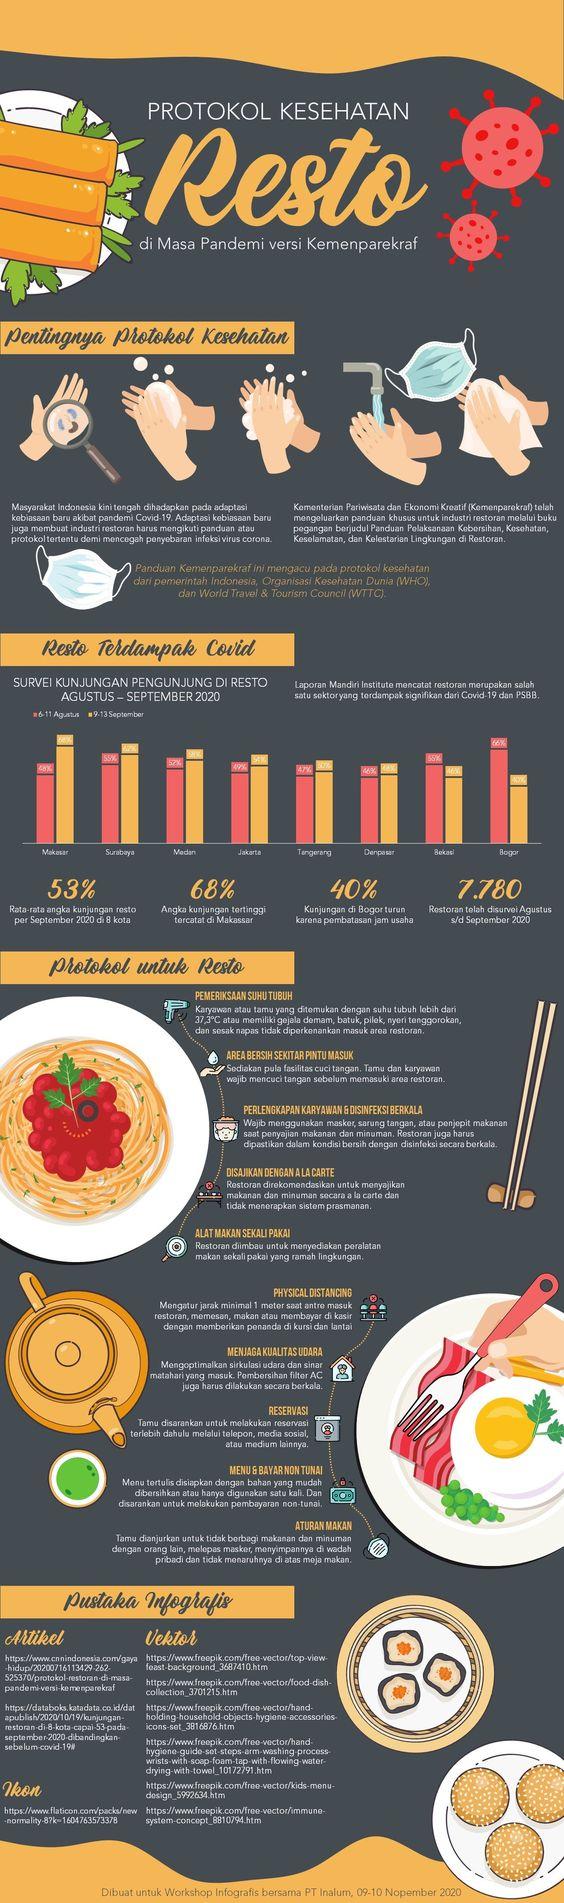 Infografis Vertikal Protokol Kesehatan Restoran di Masa Pandemi